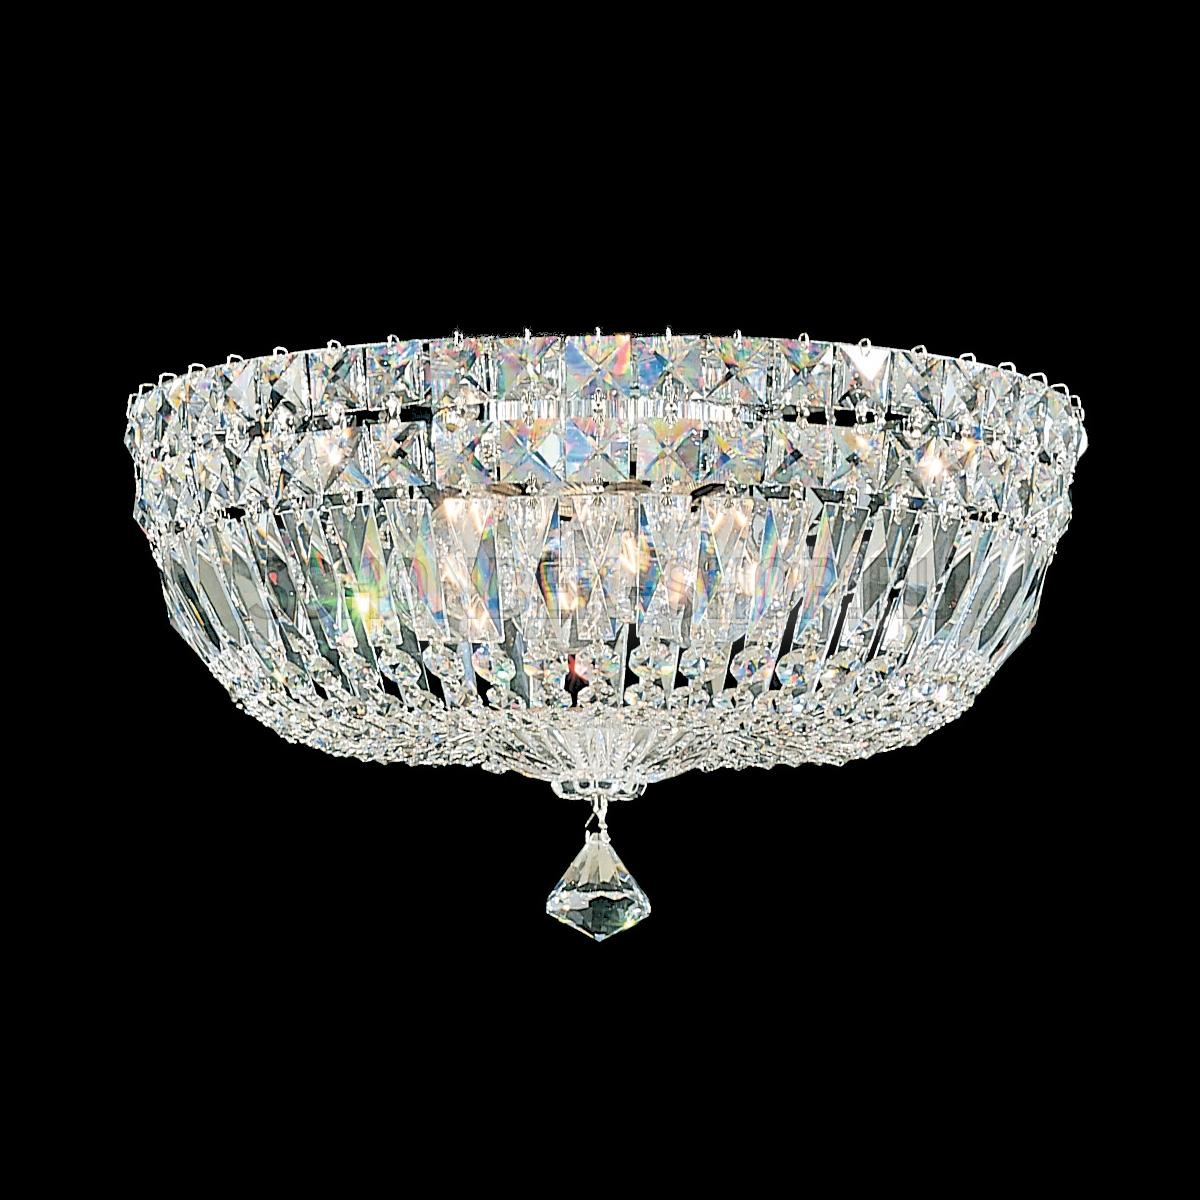 Фотография 1 - Светильник Schonbek Petit Crystal Deluxe 5893 М-401